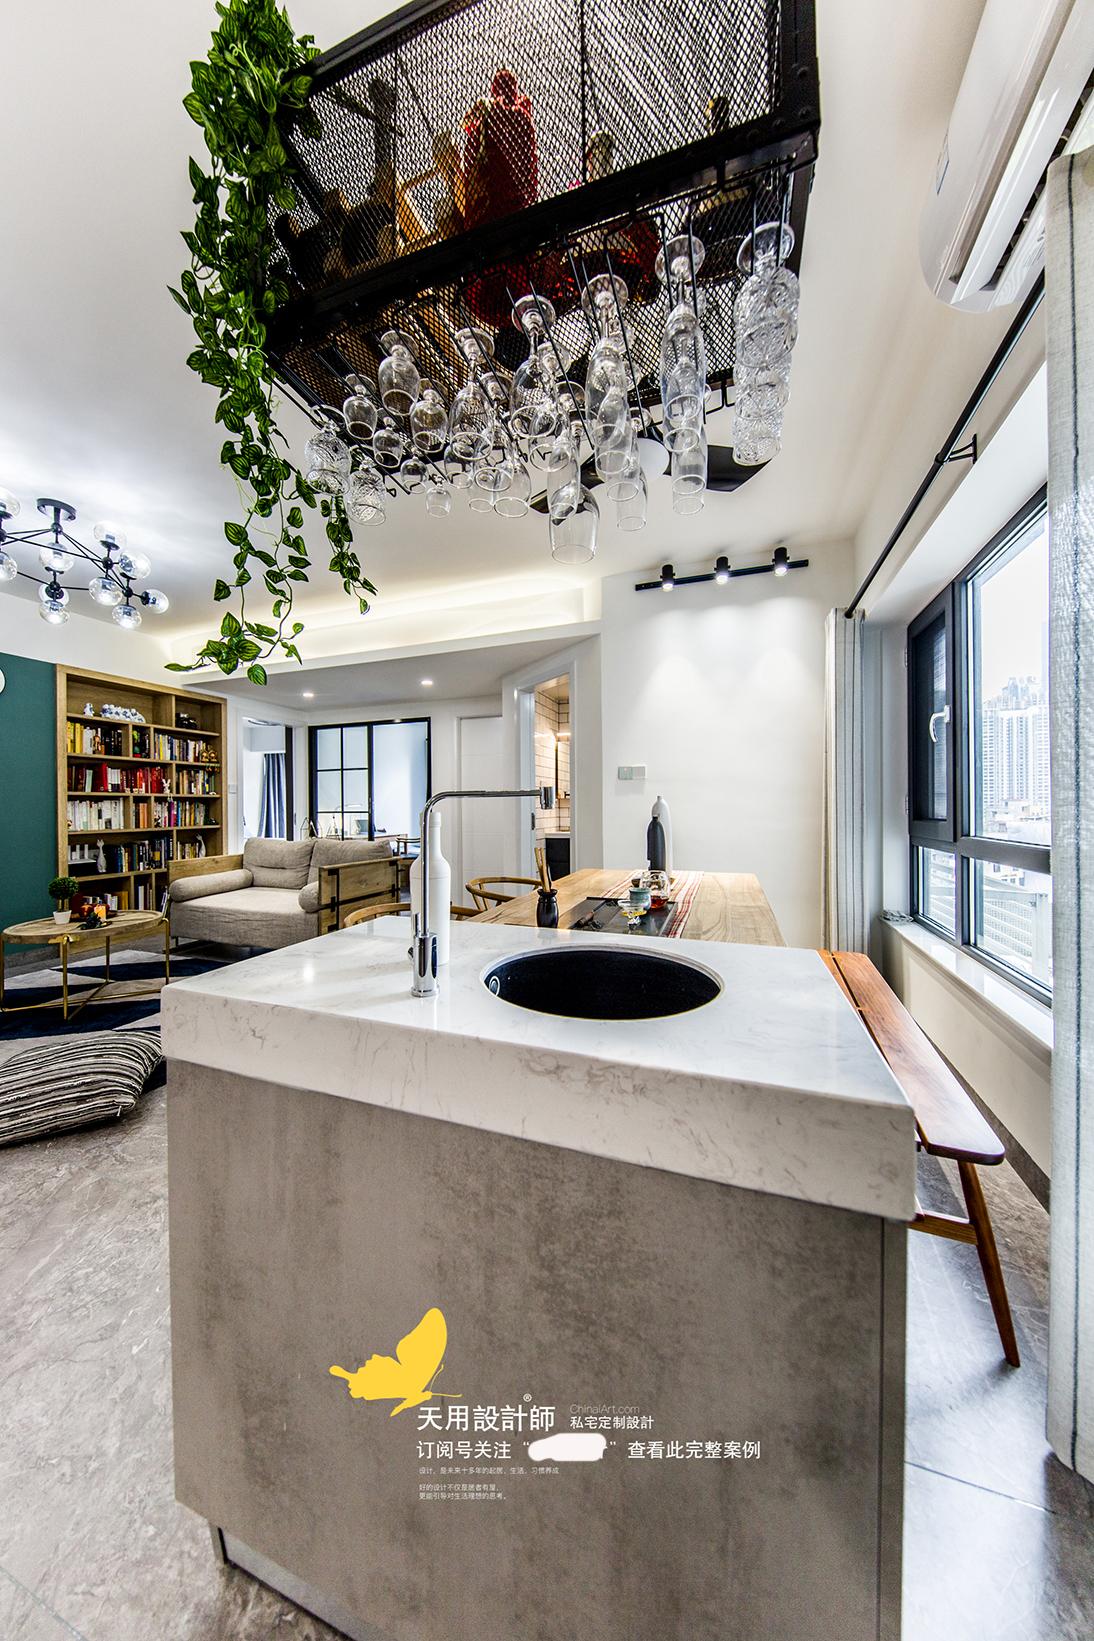 轻奢119平北欧四居餐厅装修图厨房橱柜北欧极简餐厅设计图片赏析